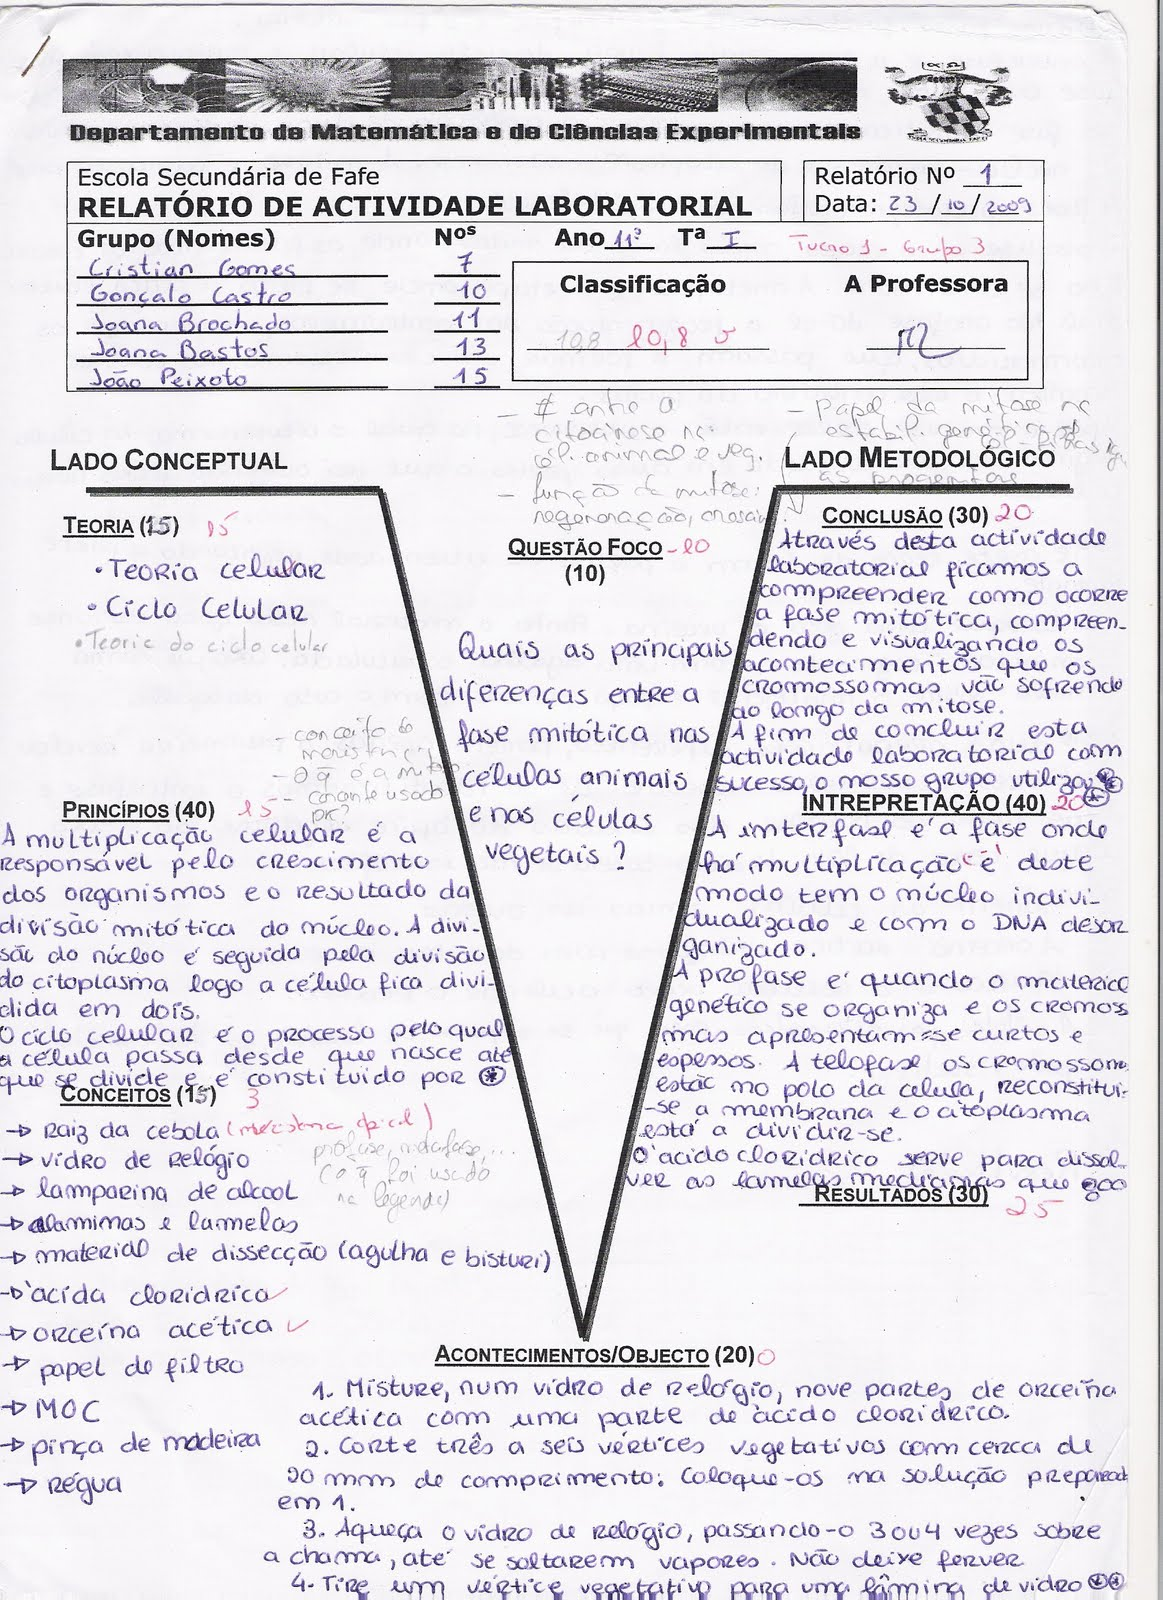 ABC da Biologia e Geologia 11º: RELATÓRIOS | 1163 x 1600 jpeg 389kB